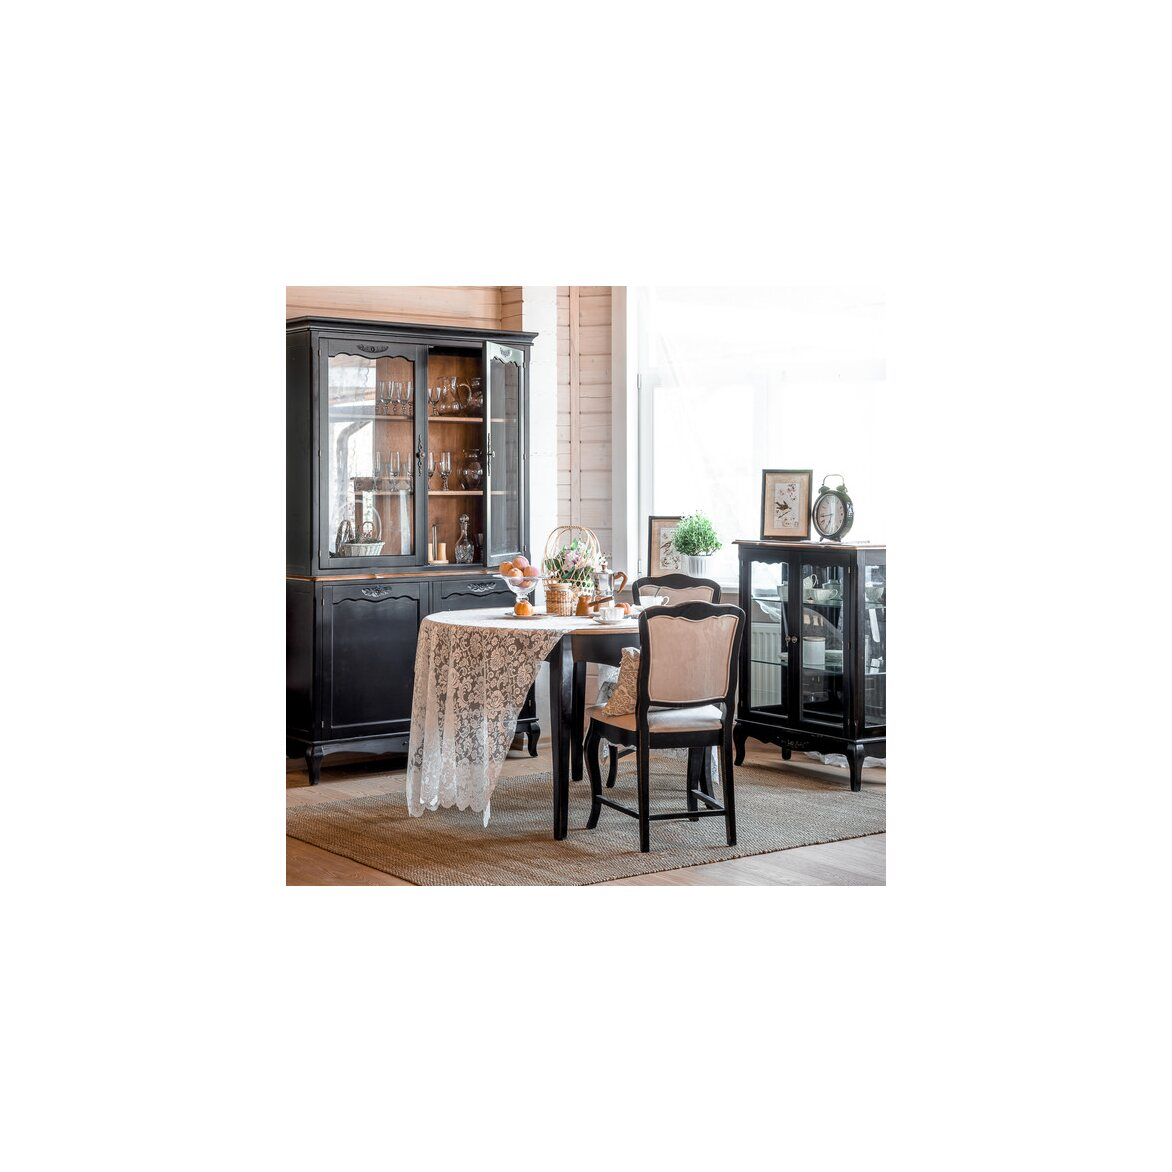 Стеклянная витрина (двойная) Leontina, черного цвета 2 | Витрины Kingsby